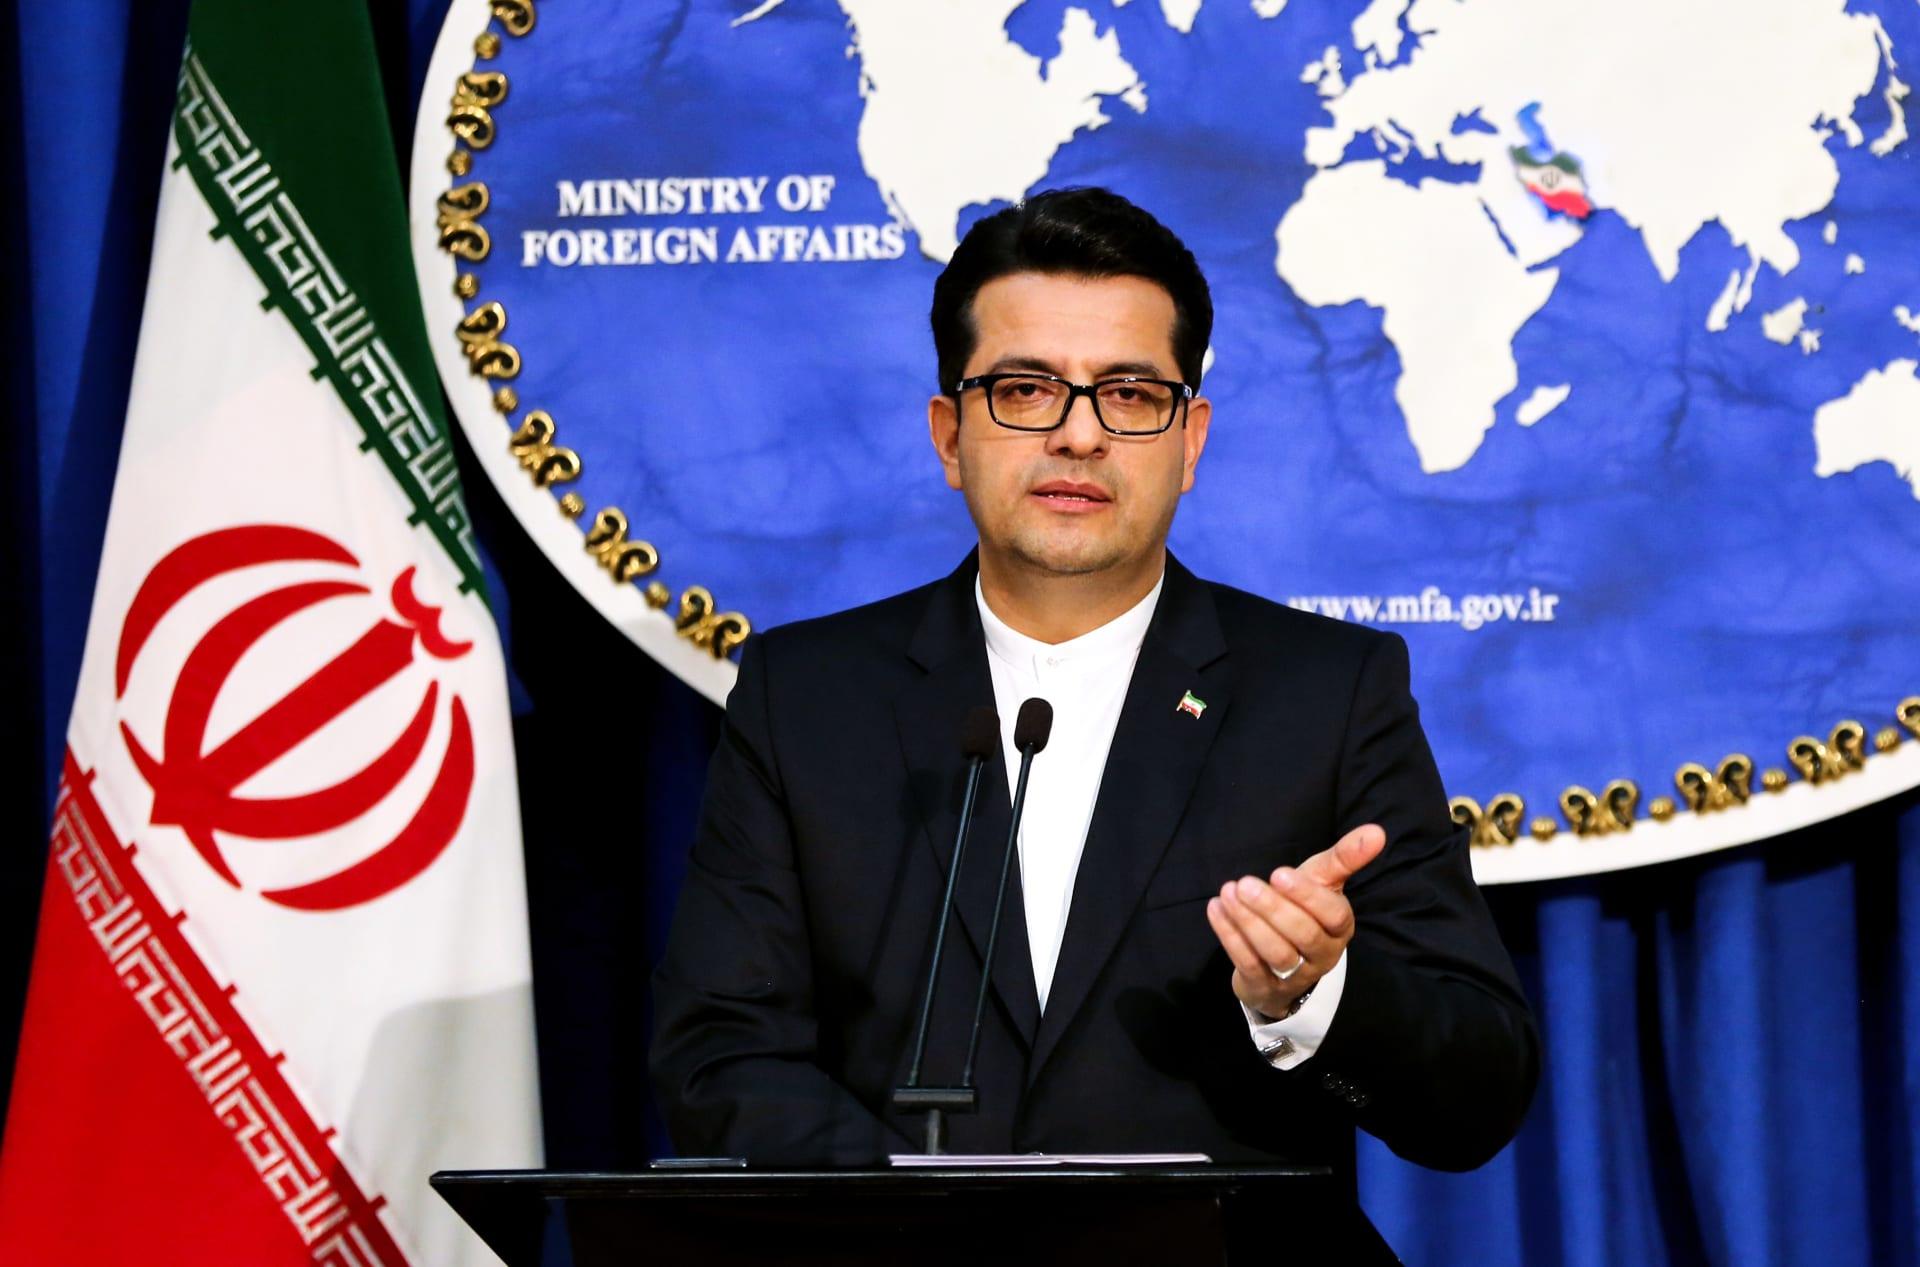 إيران تهاجم مجلس التعاون الخليجي بعد مطالبته بتمديد قرار حظر الأسلحة